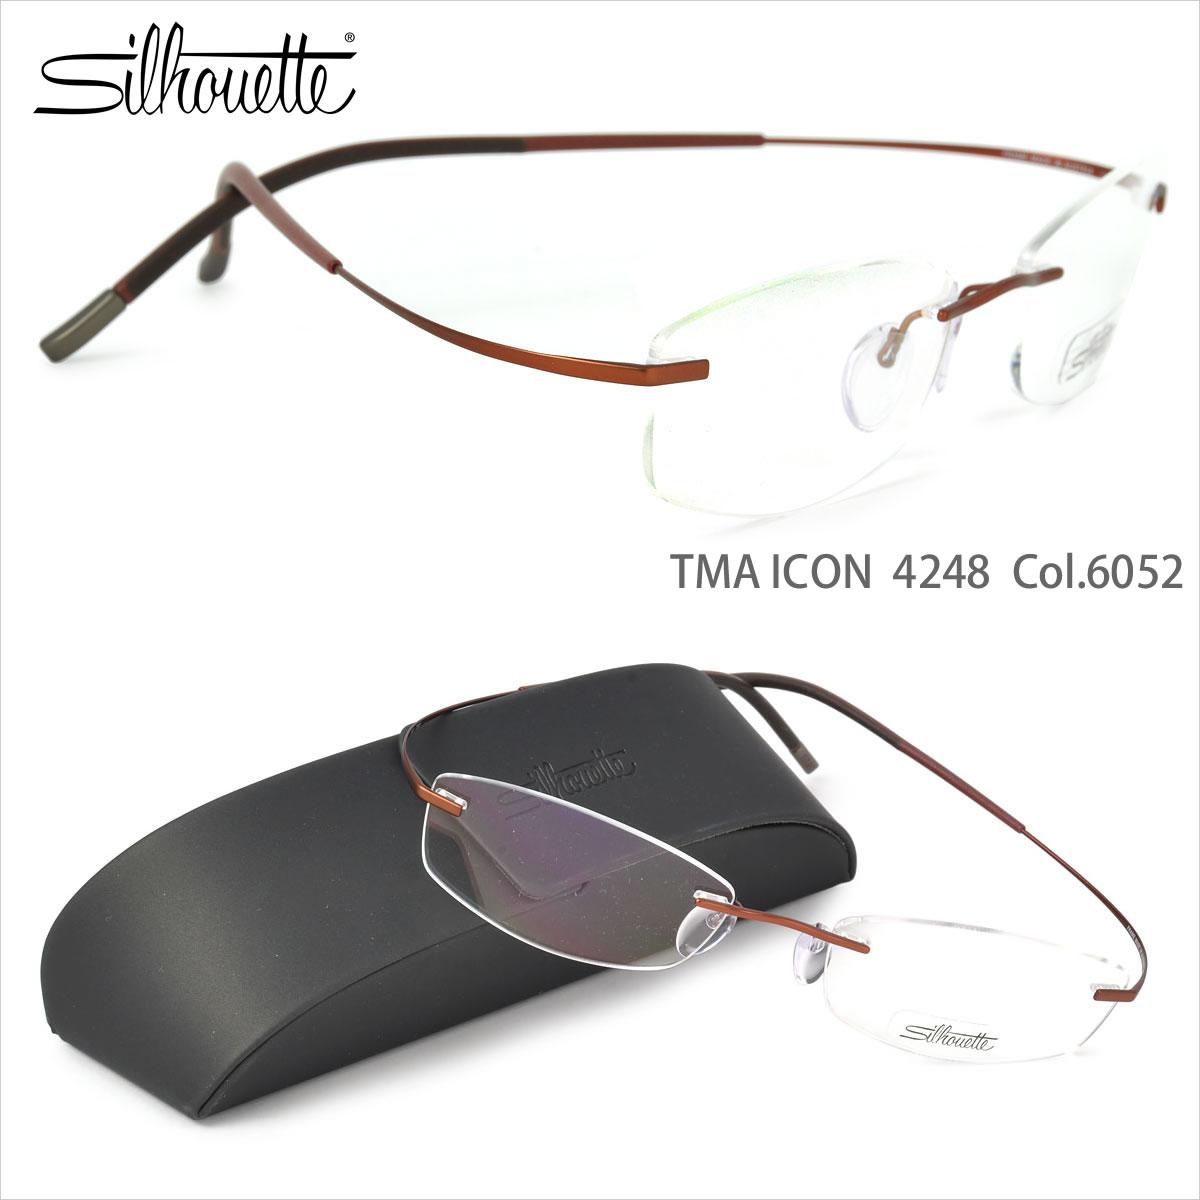 839c68f34a4 Silhouette glasses titanium minimal art icon 4248 6052 52 size Silhouette  TITAN MINIMAL ART TMA ICON ...